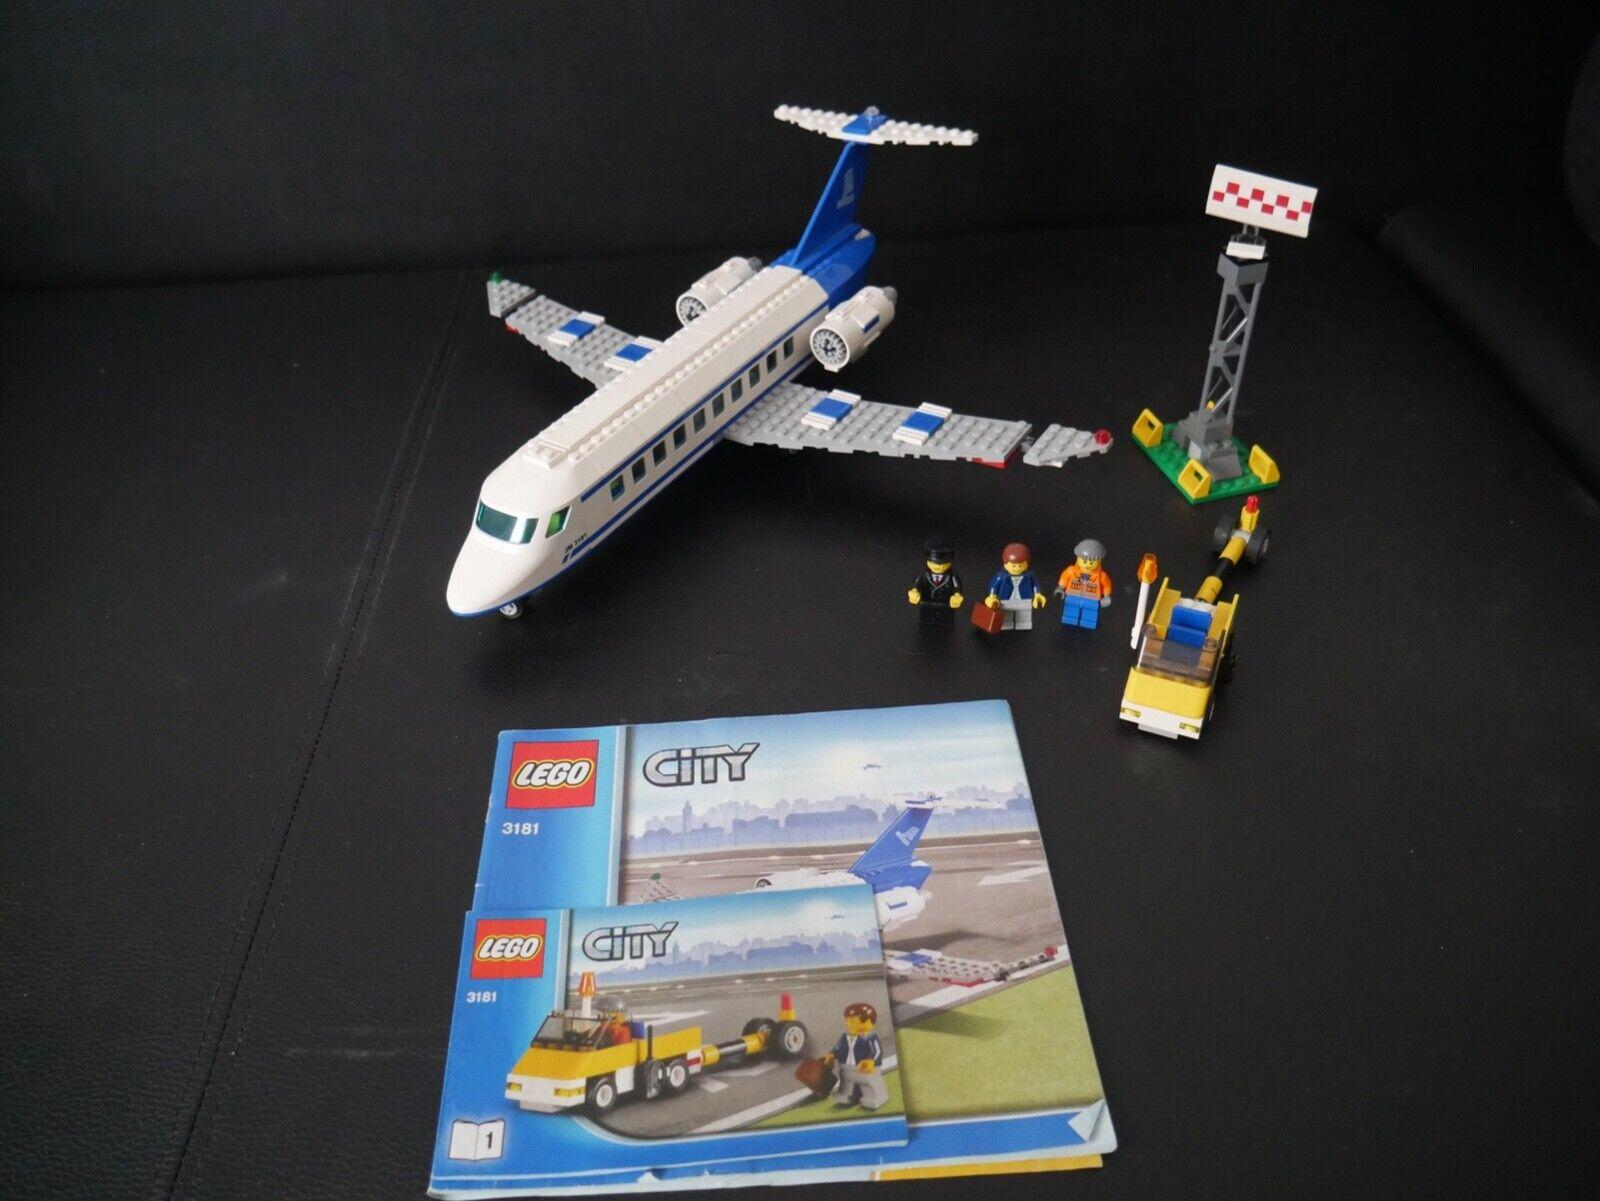 LEGO città 3181 - THE PASSENGER PLANE - 100% completare  WITH uomoUELS  classico senza tempo